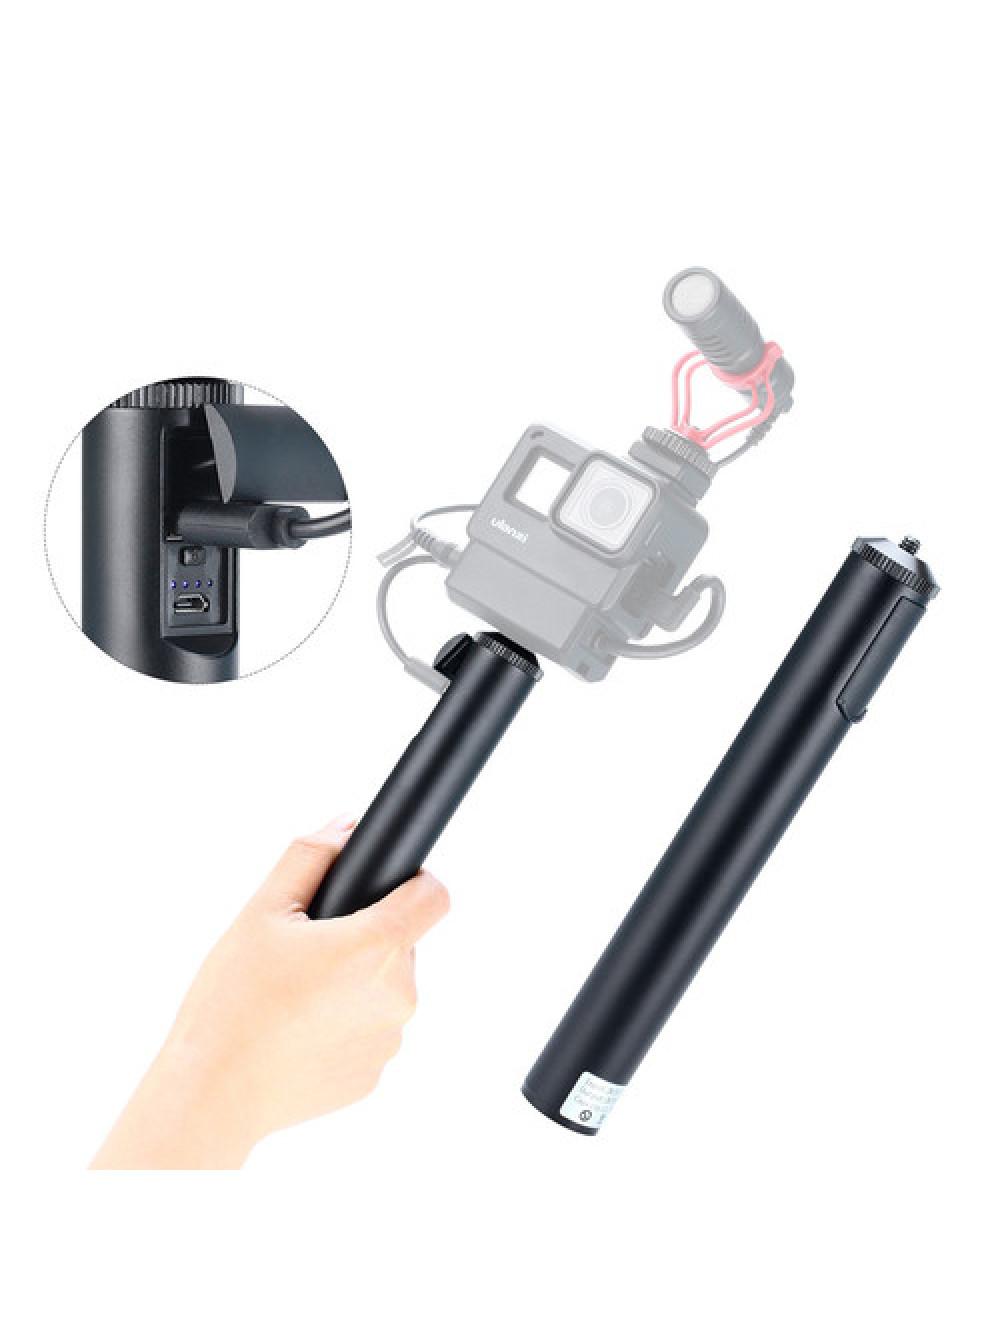 Держатель Power Bank 5200 мАч Ulanzi BG-1 для камер и смартфонов